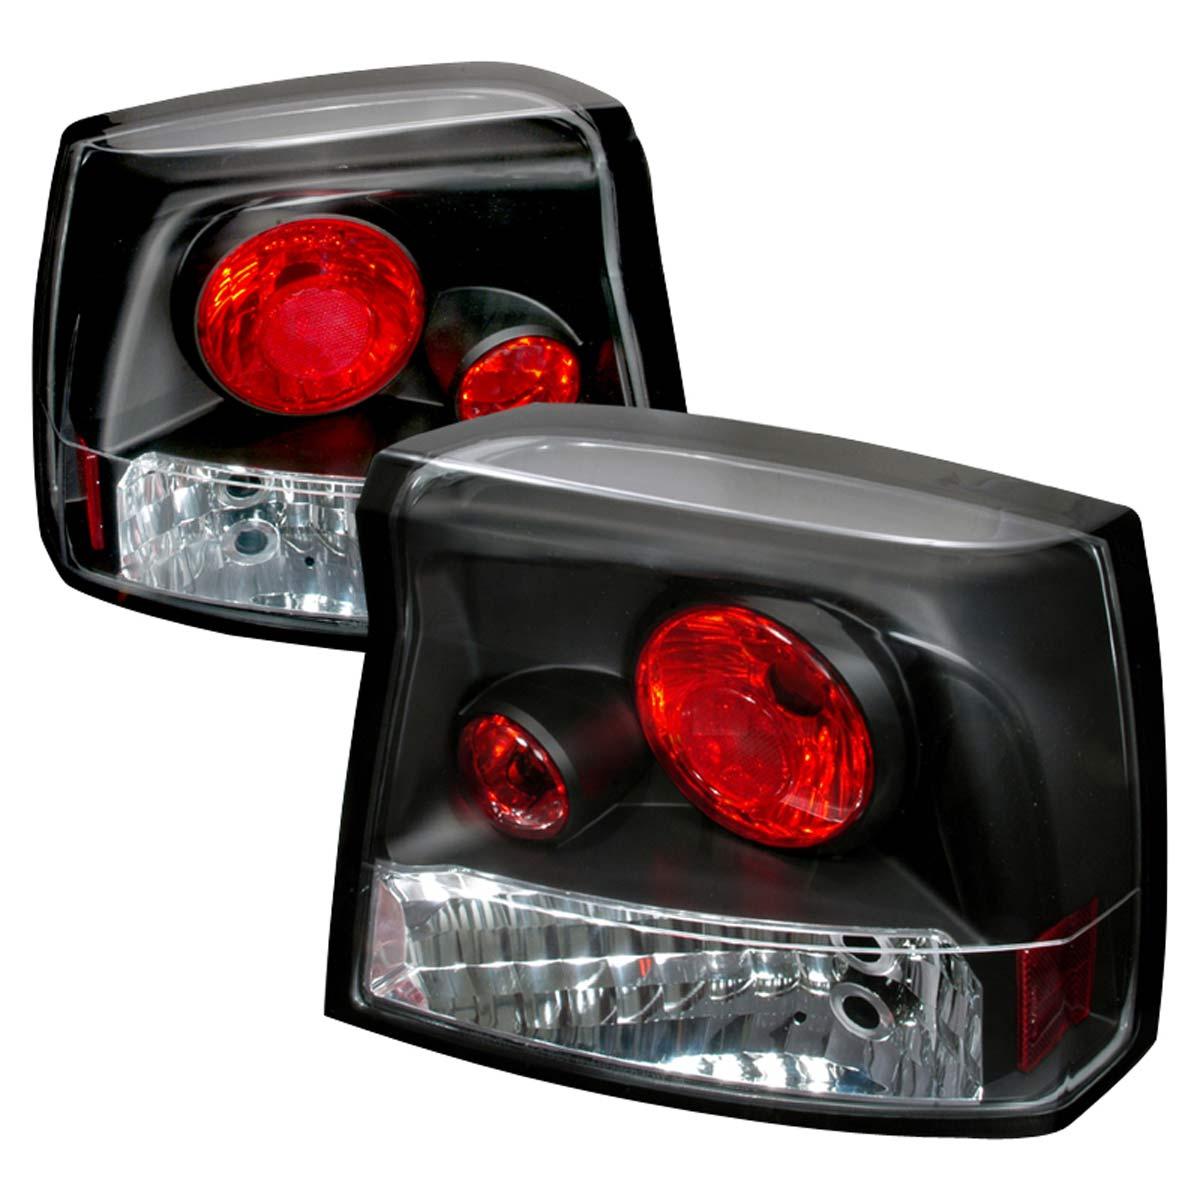 Spec-D Tuning LT-CHG05JM-TM - Spec-D 05-07 Dodge Charger Altezza Taillights (lt-chg05jm-tm)